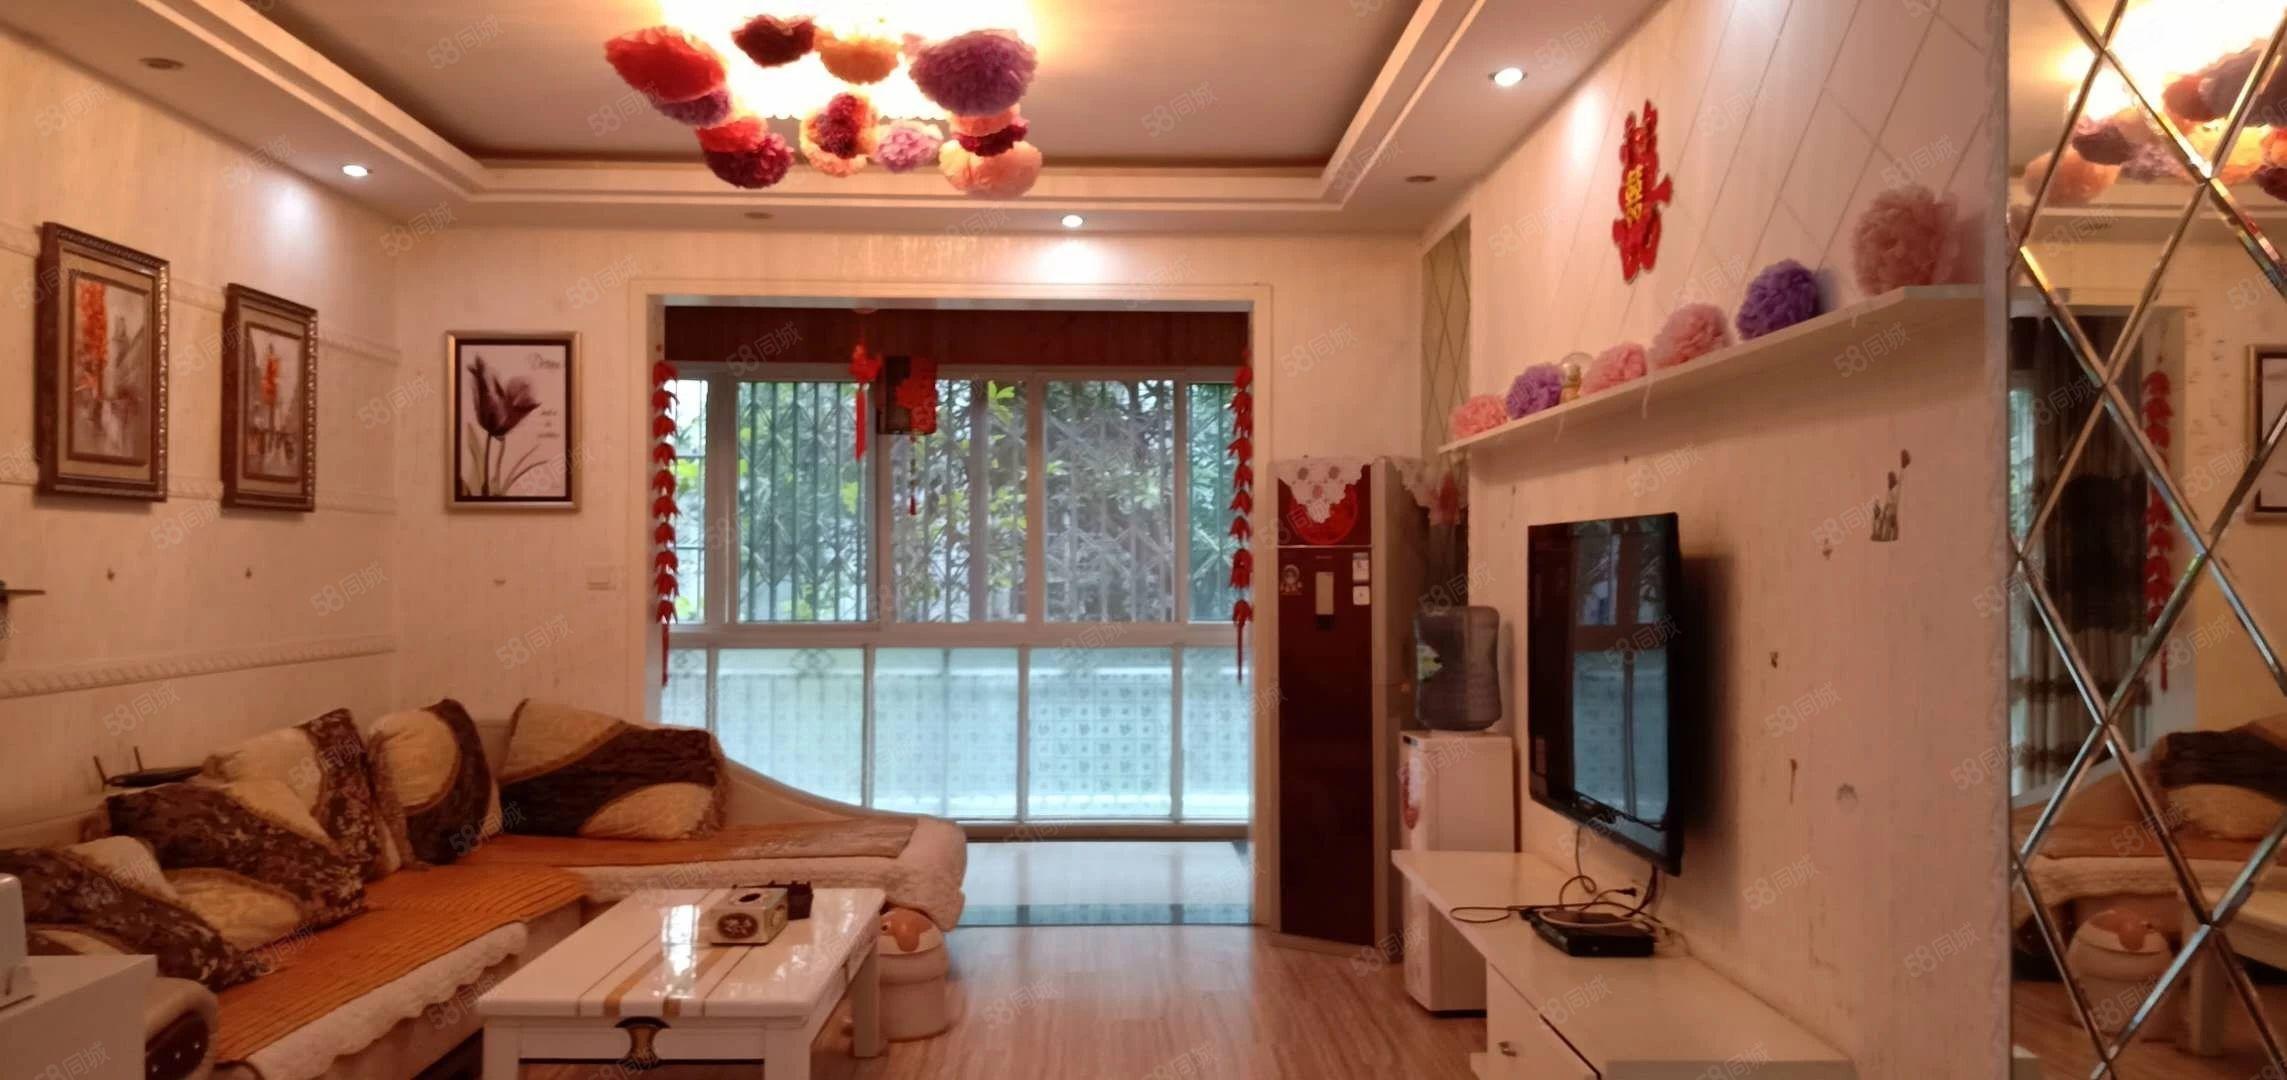 蓬城印象现浇房1楼比地高1米,豪装家电齐全,拎包入住欢迎看房